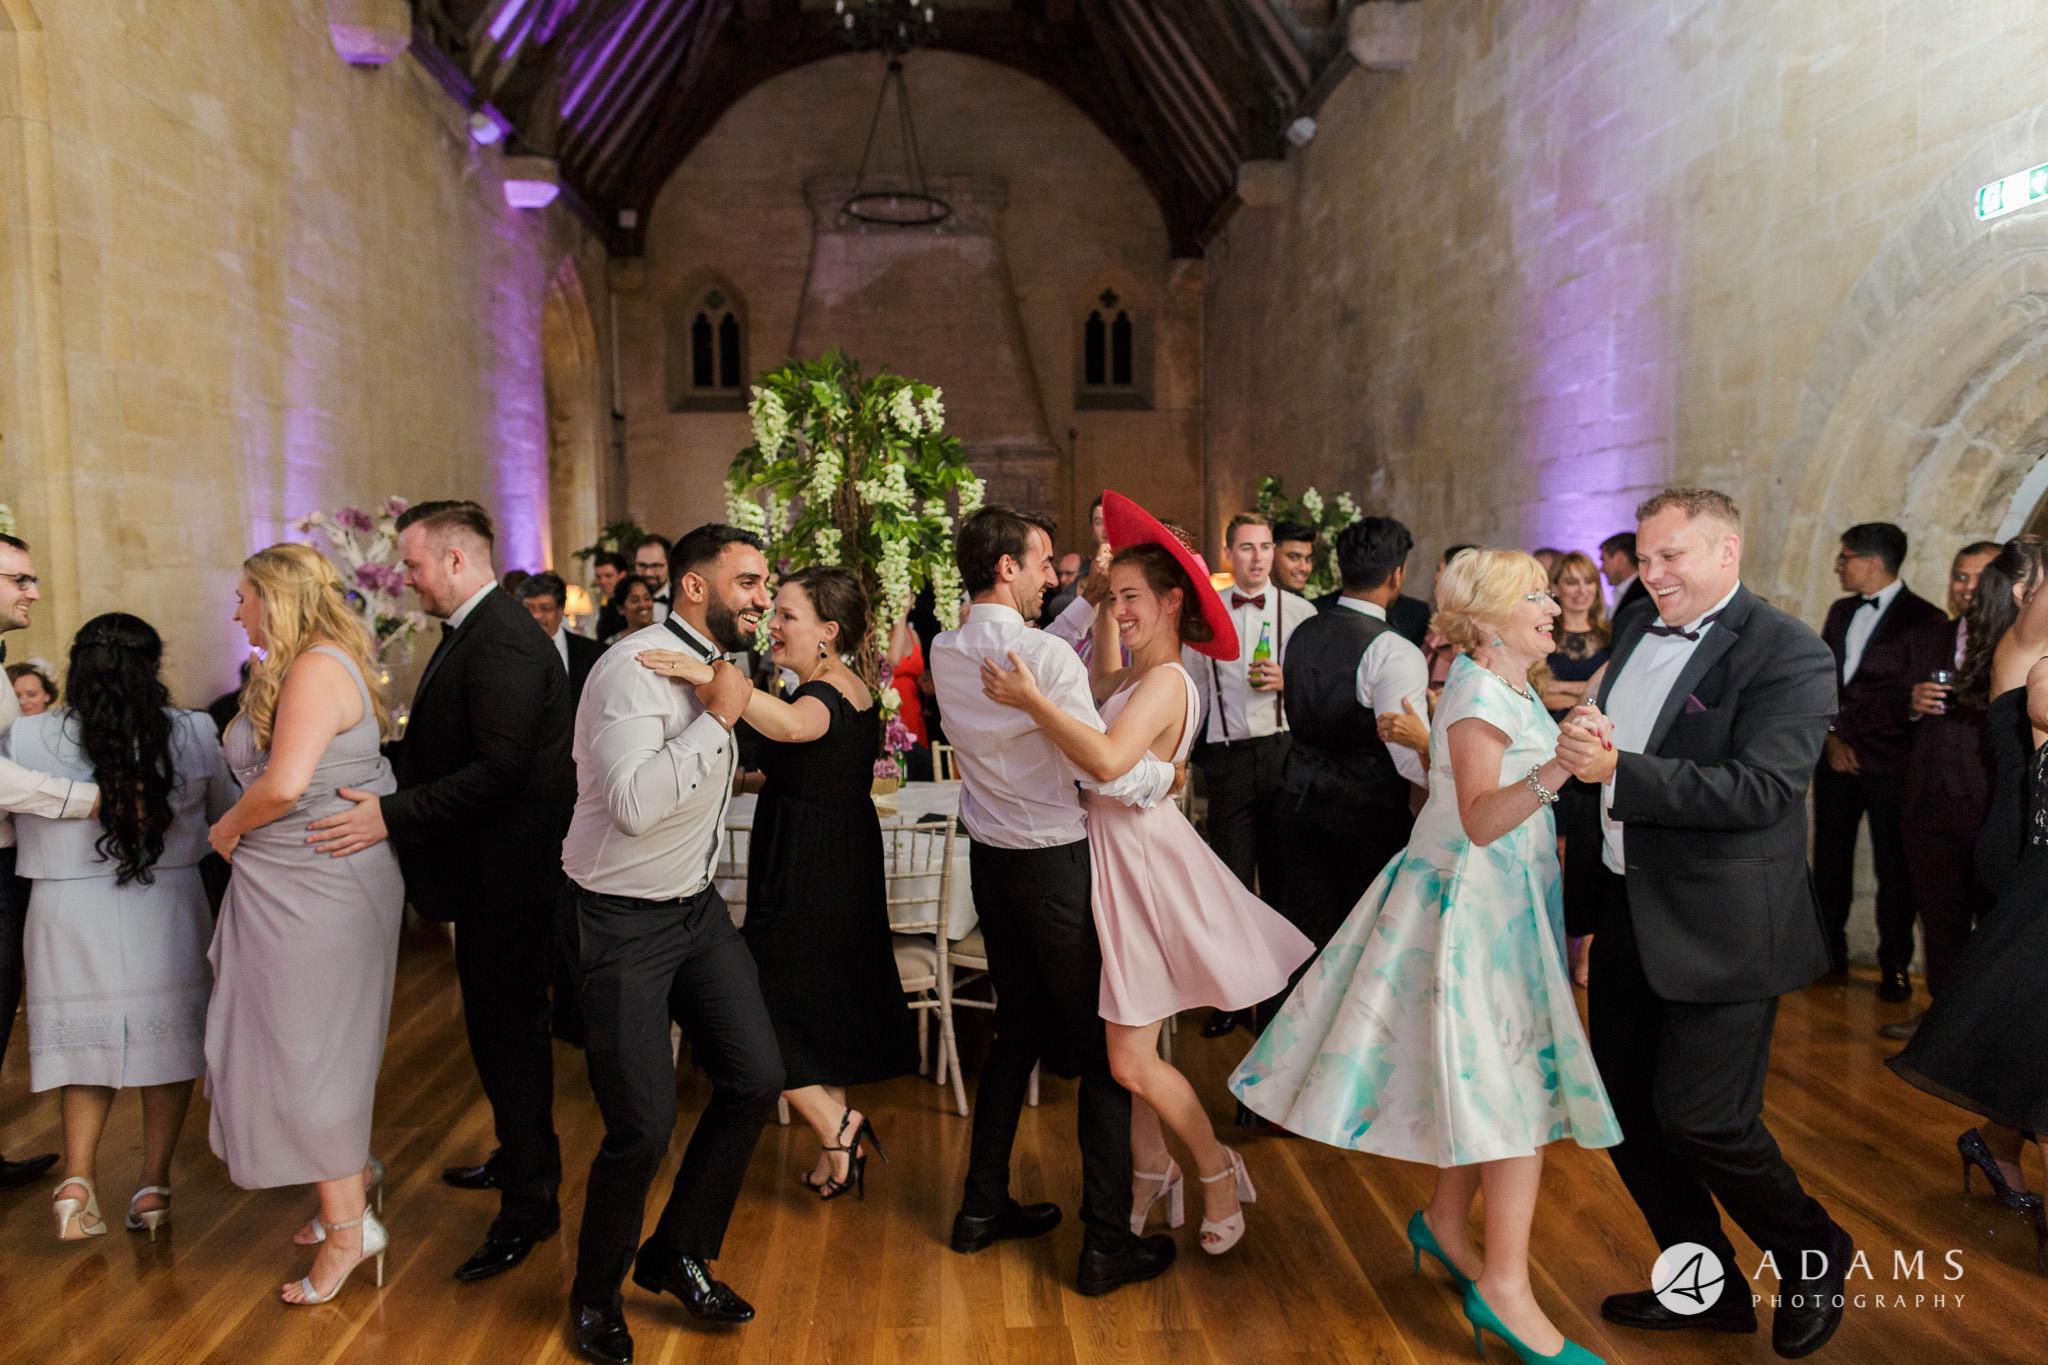 st donats castle wedding guests dance